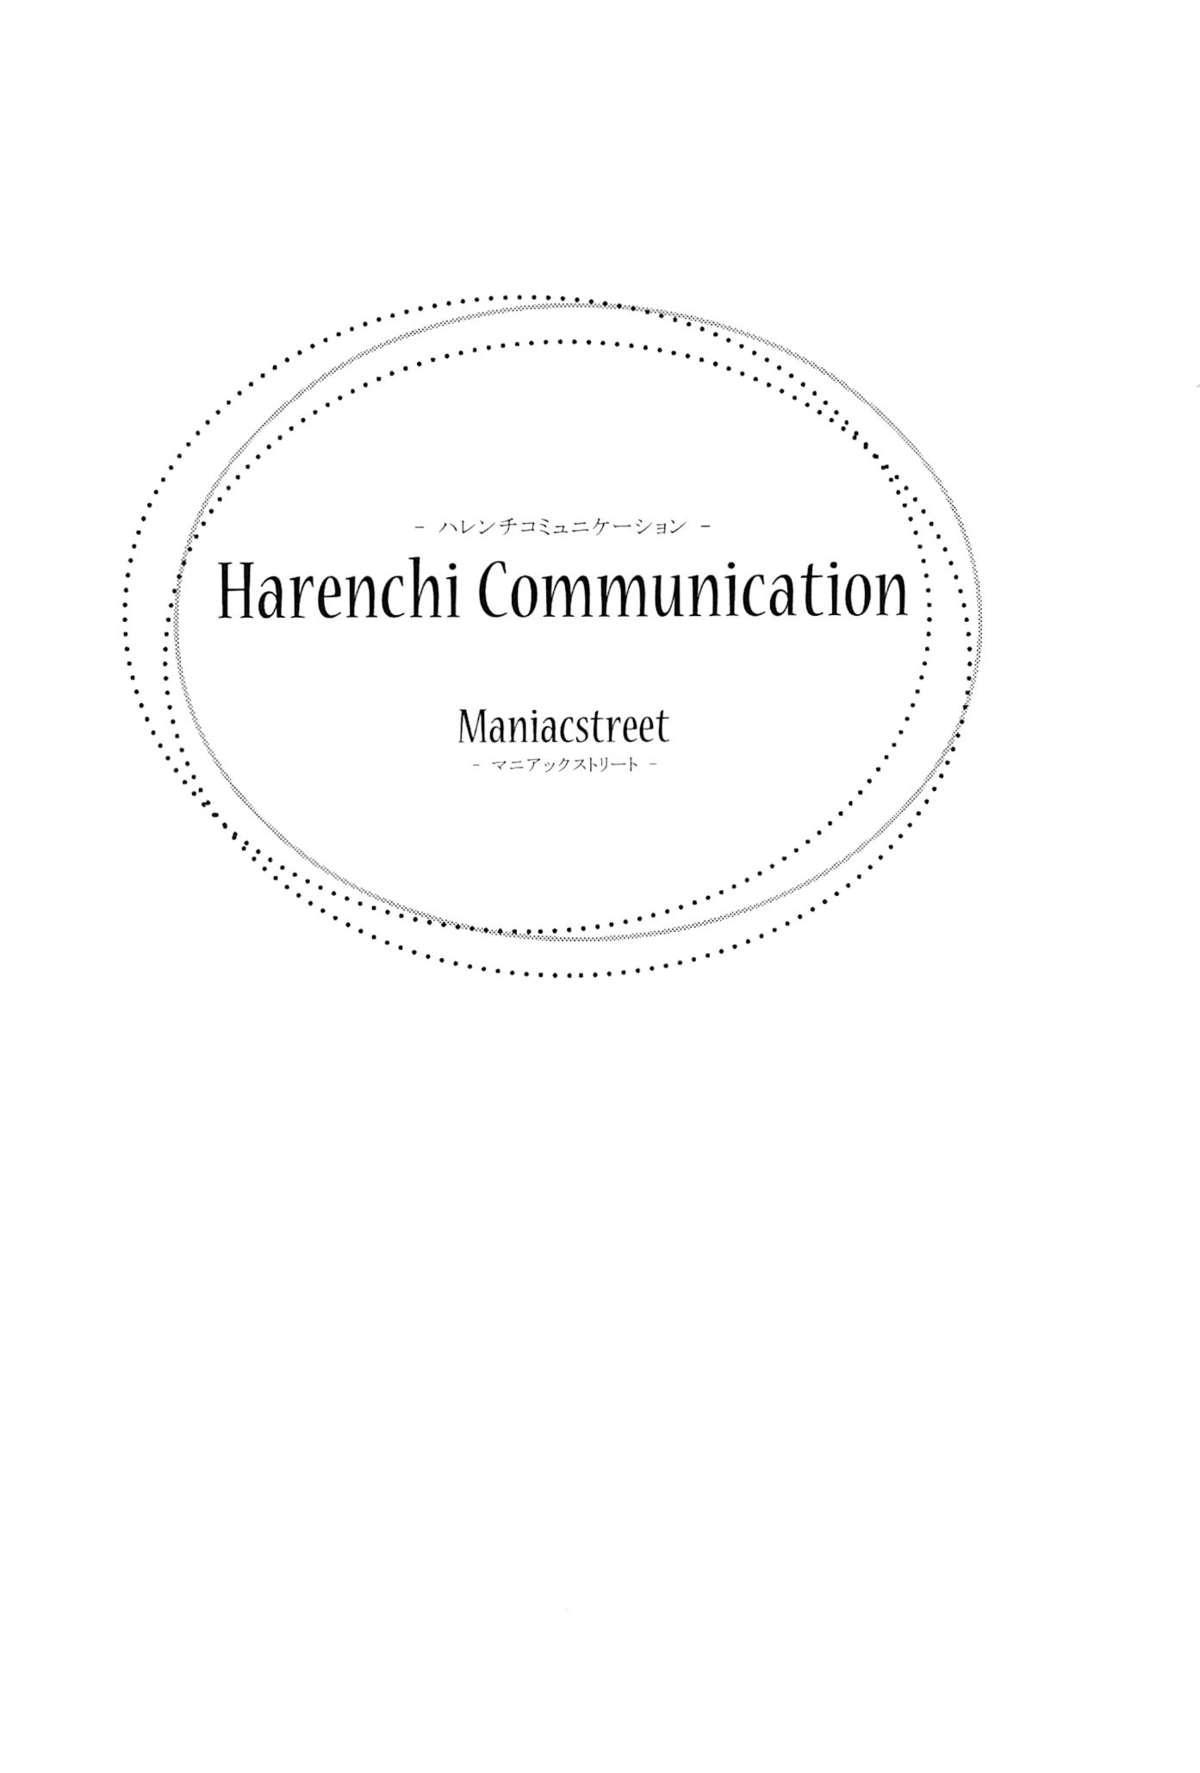 Harenchi Communication 1